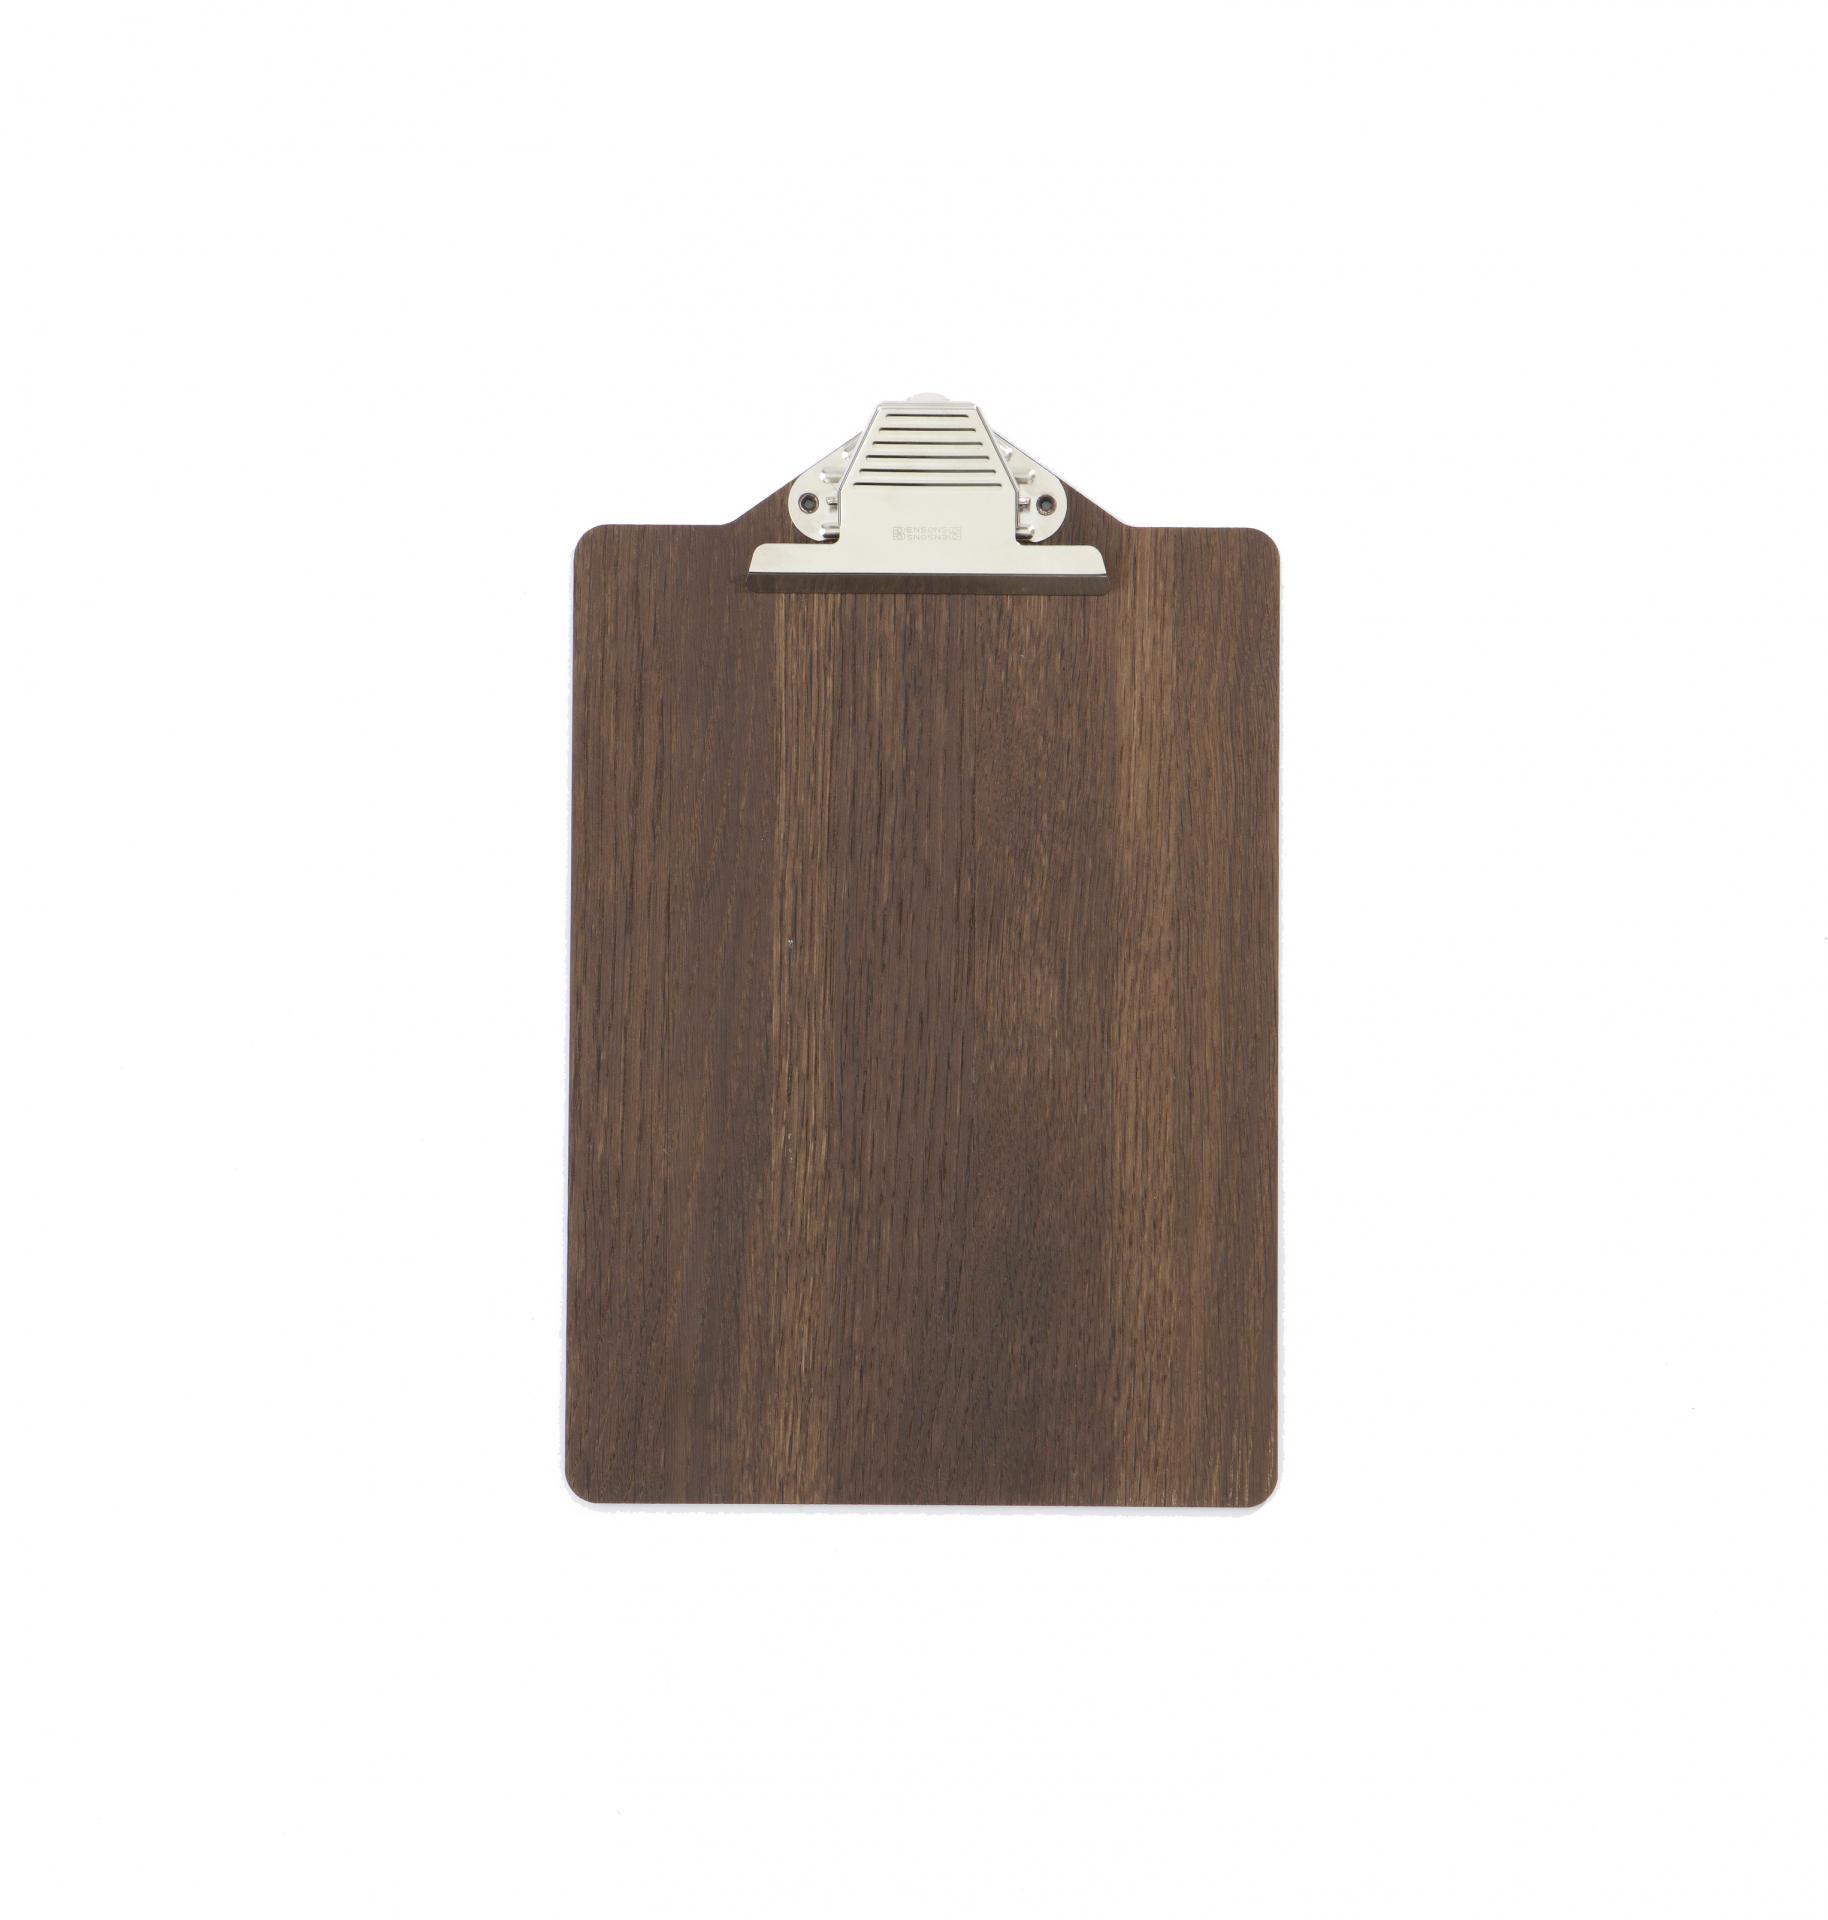 ferm LIVING Psací podložka se skřipcem Wood, hnědá barva, dřevo, kov